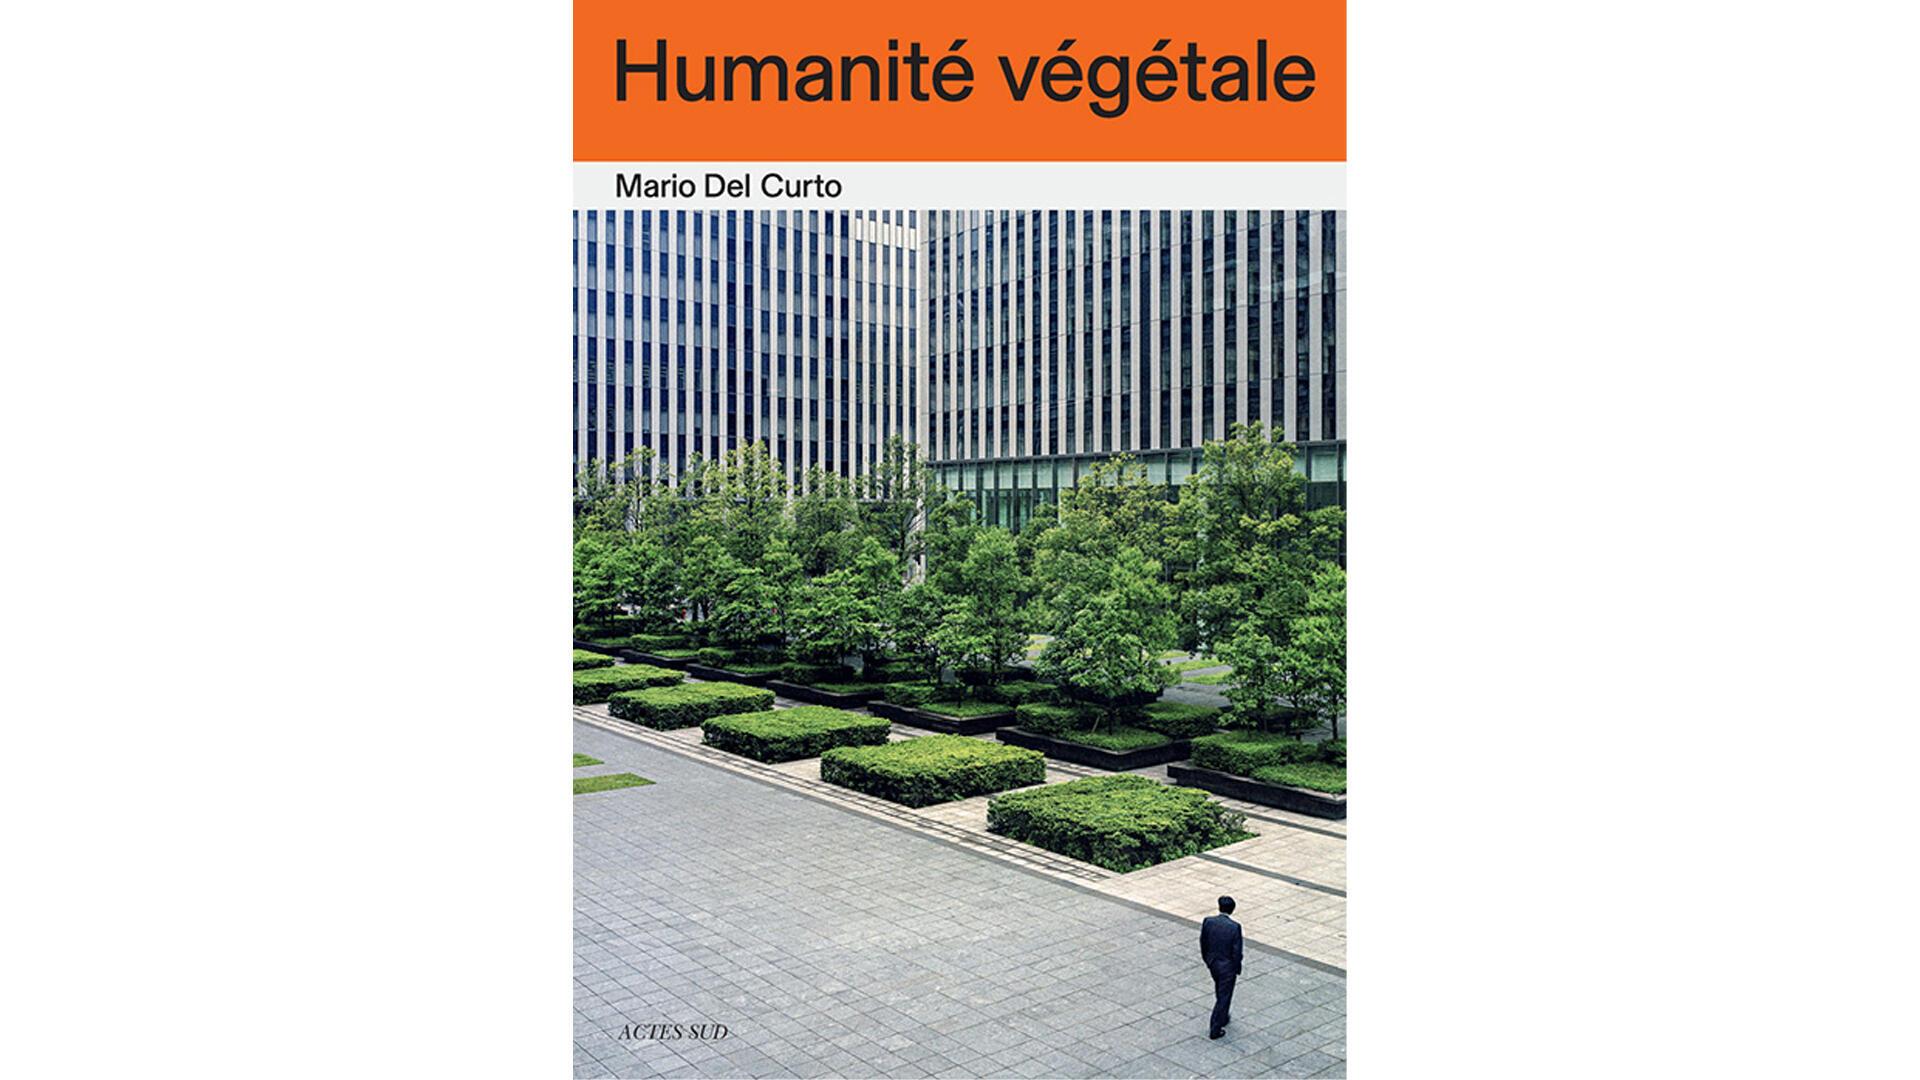 «Humanité végétale», de Mario Del Curto.